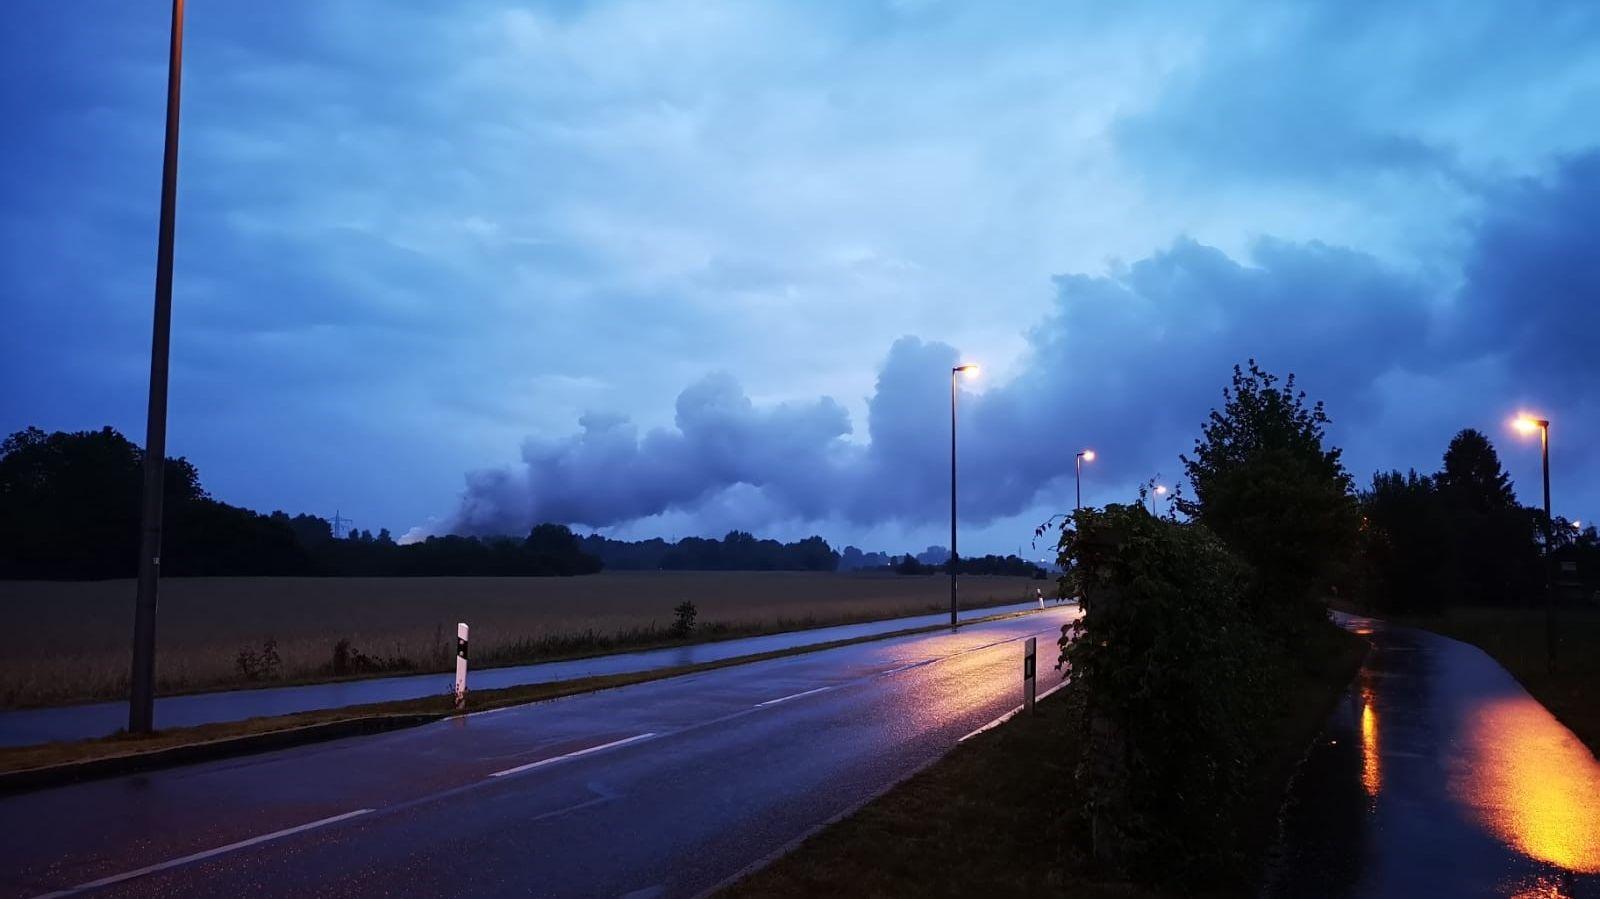 Weithin sichtbar ist die große Rauchwolke im Münchner Westen in den frühen Morgenstunden